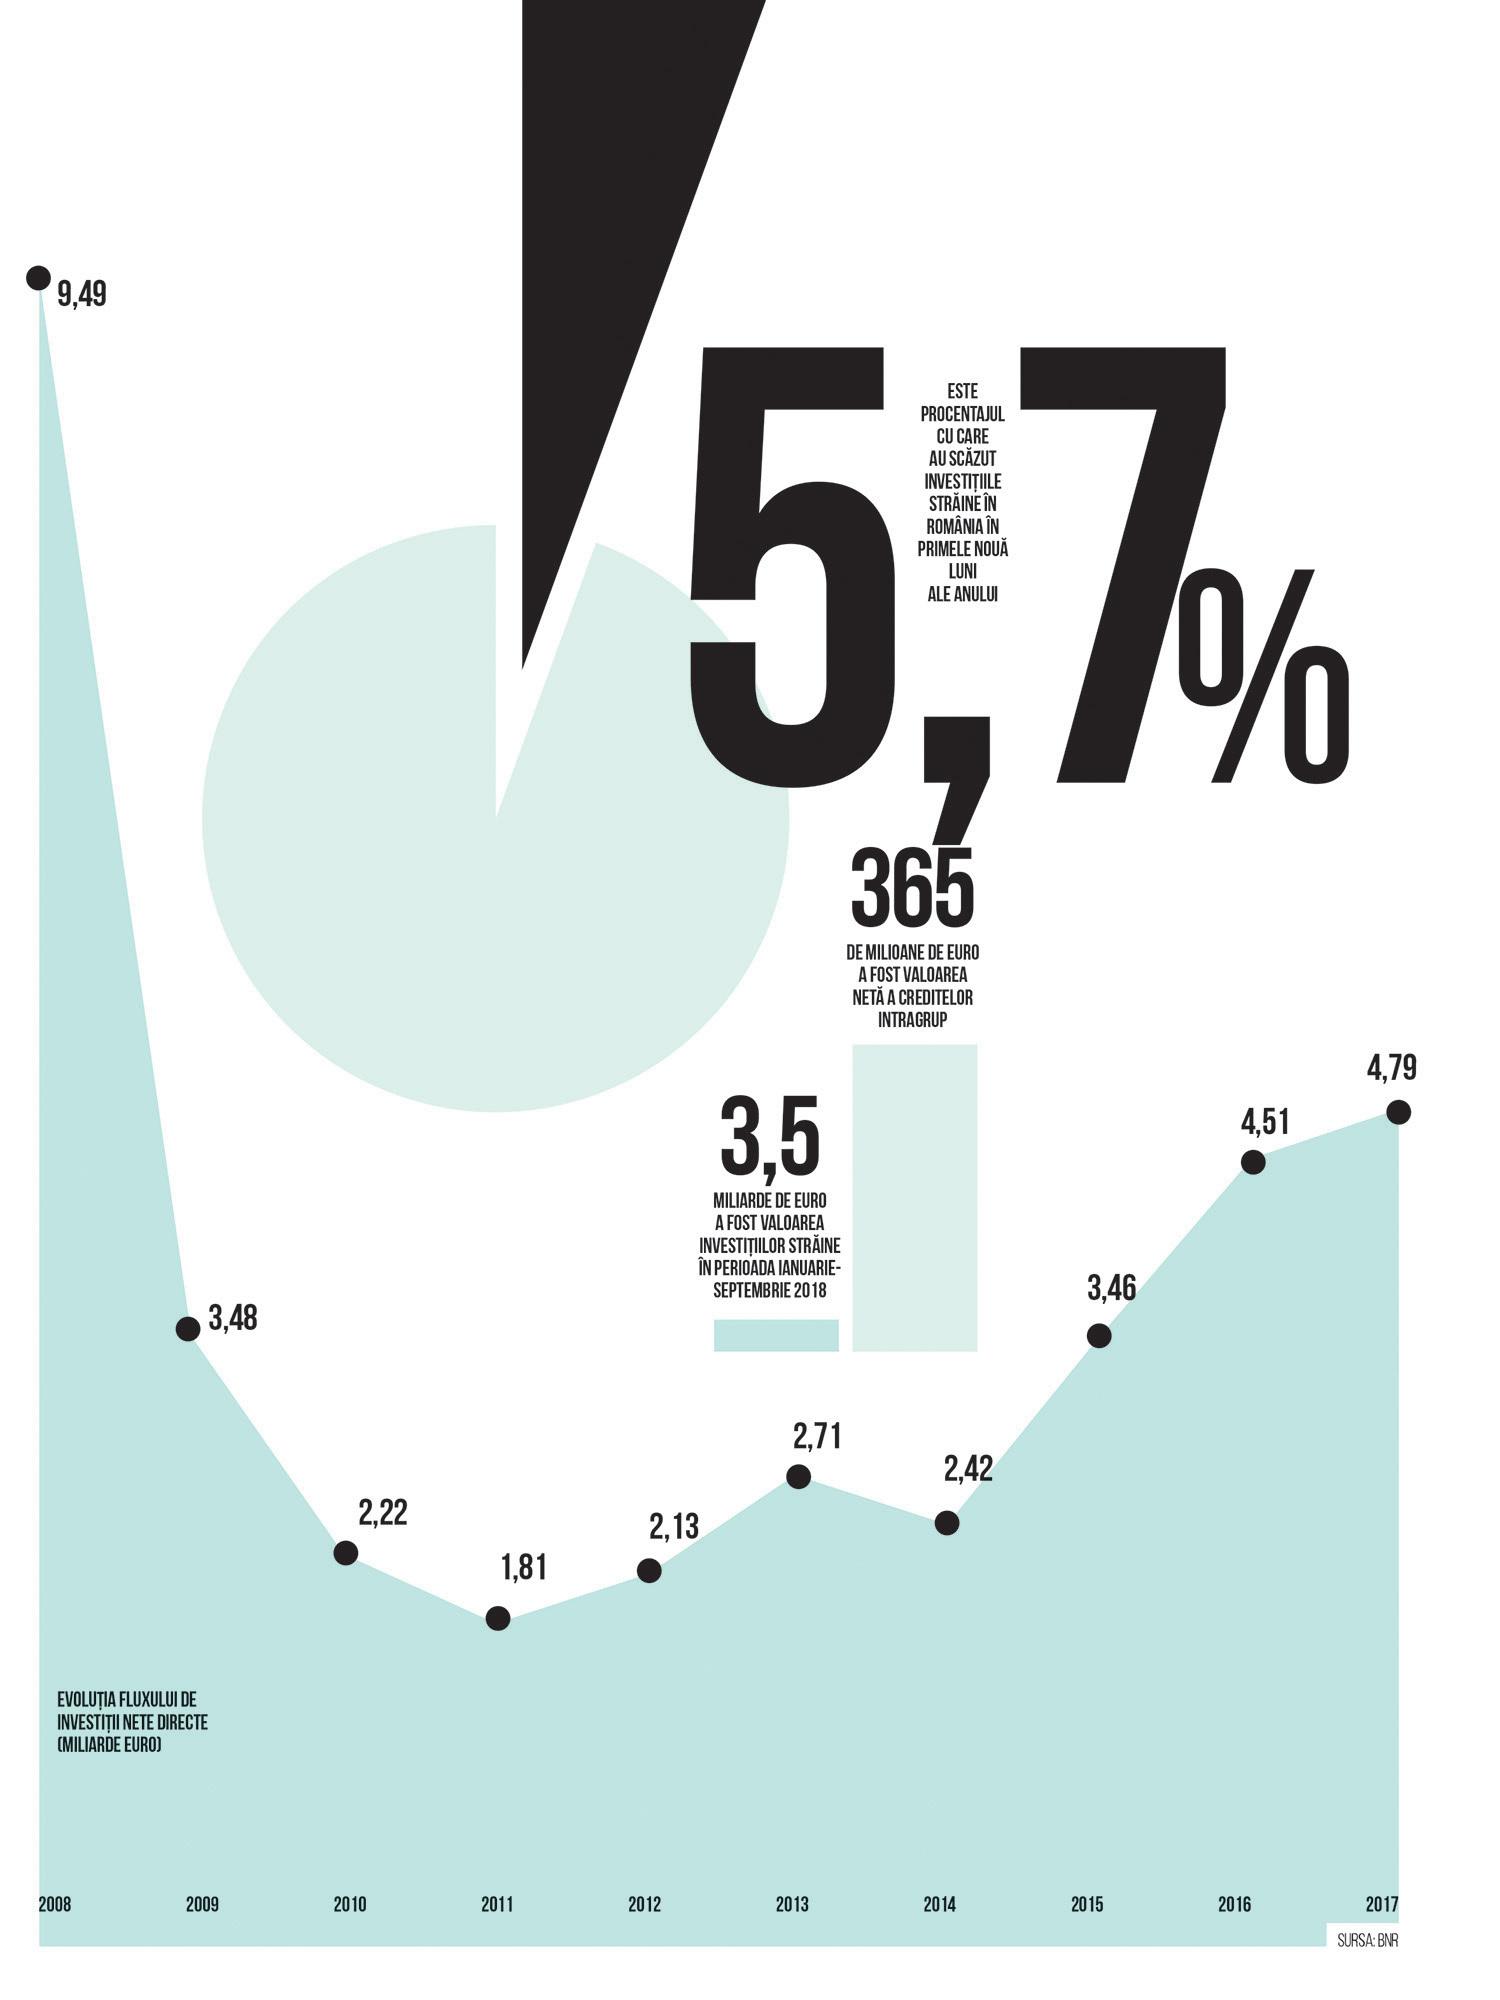 evolutia-fluxului-de-investitii-nete-directe-miliarde-euro